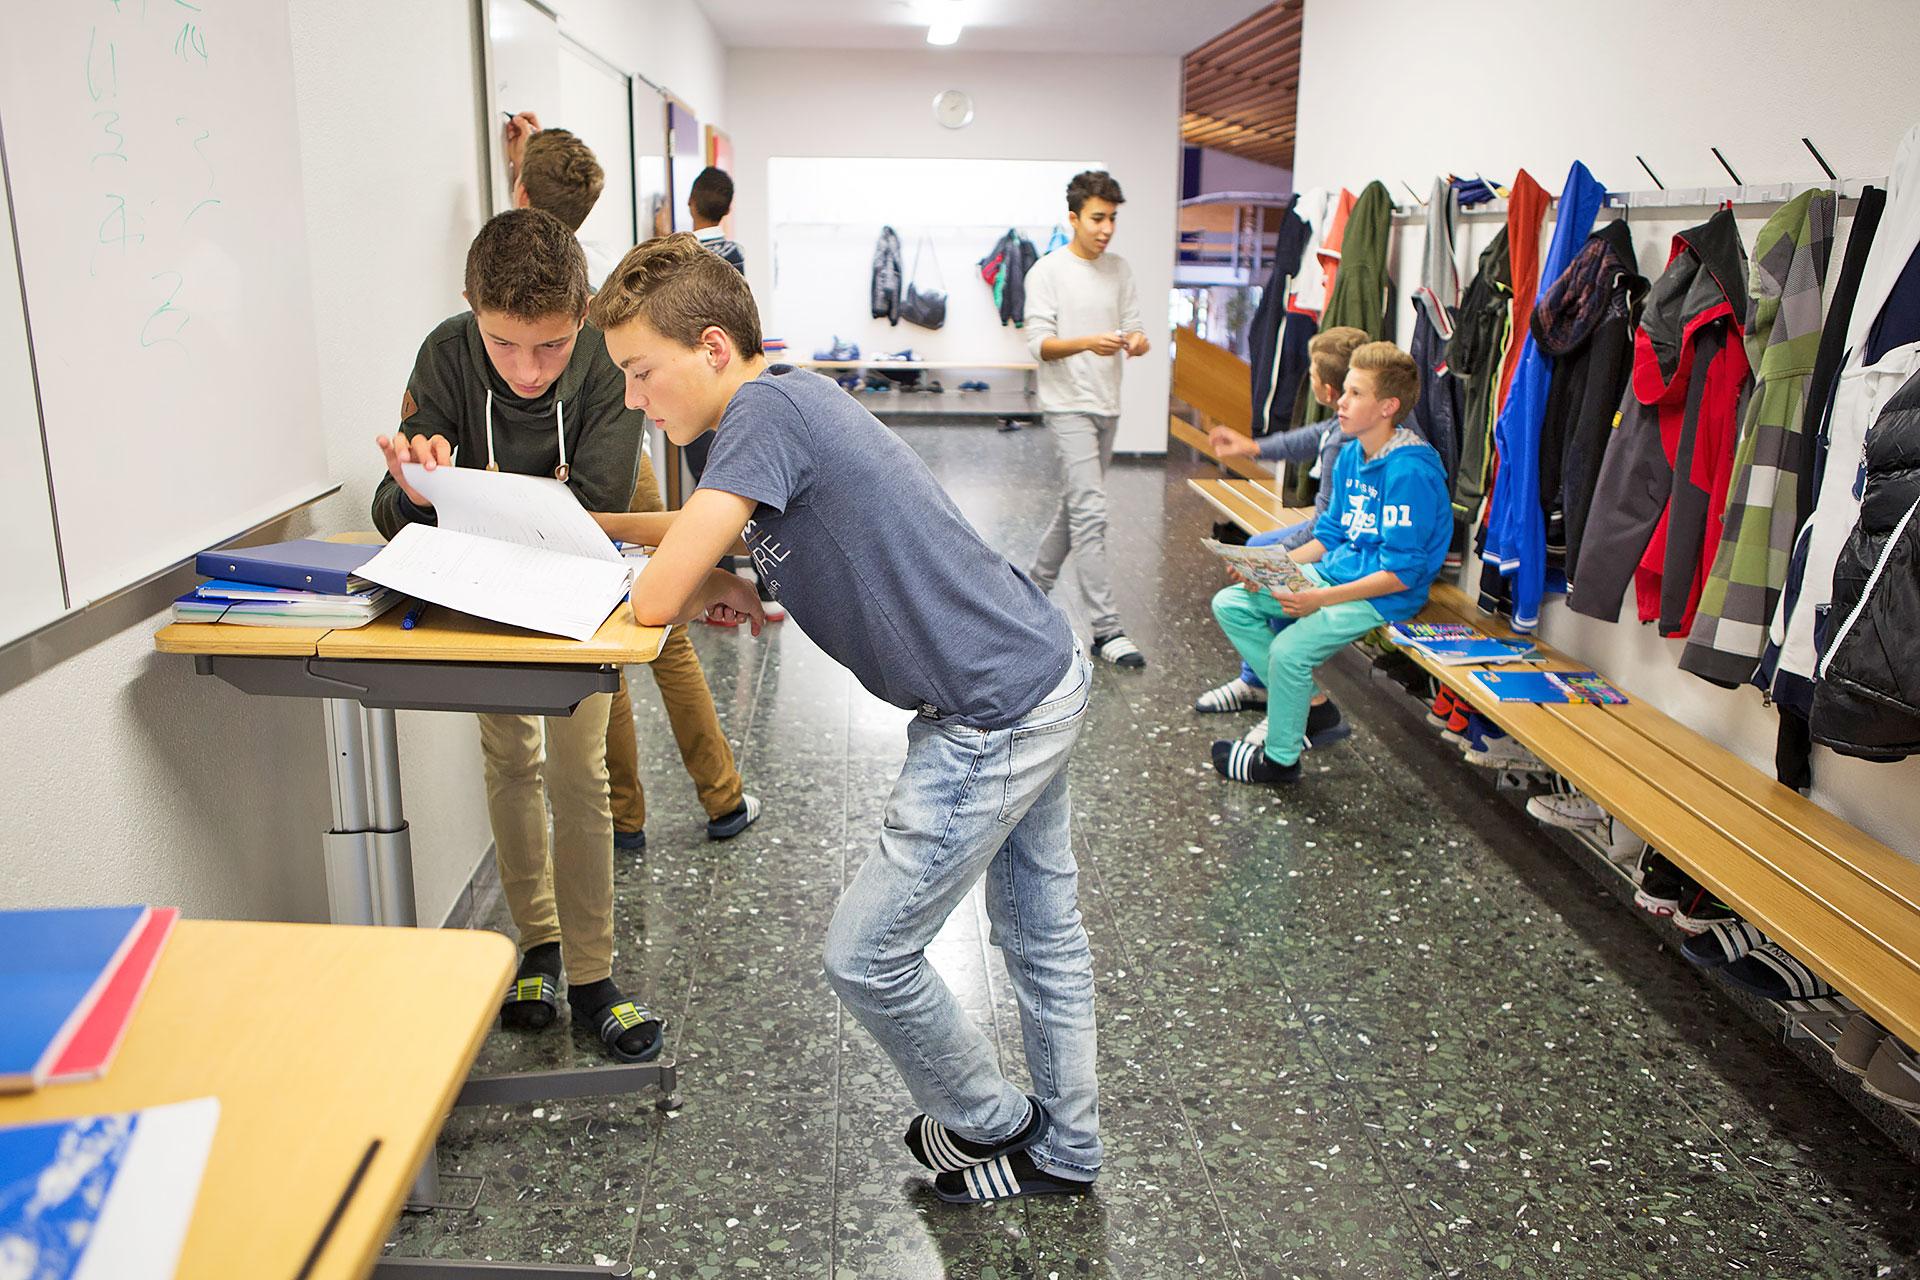 zwei Schüler arbeiten kooperativ an einer Aufgabe